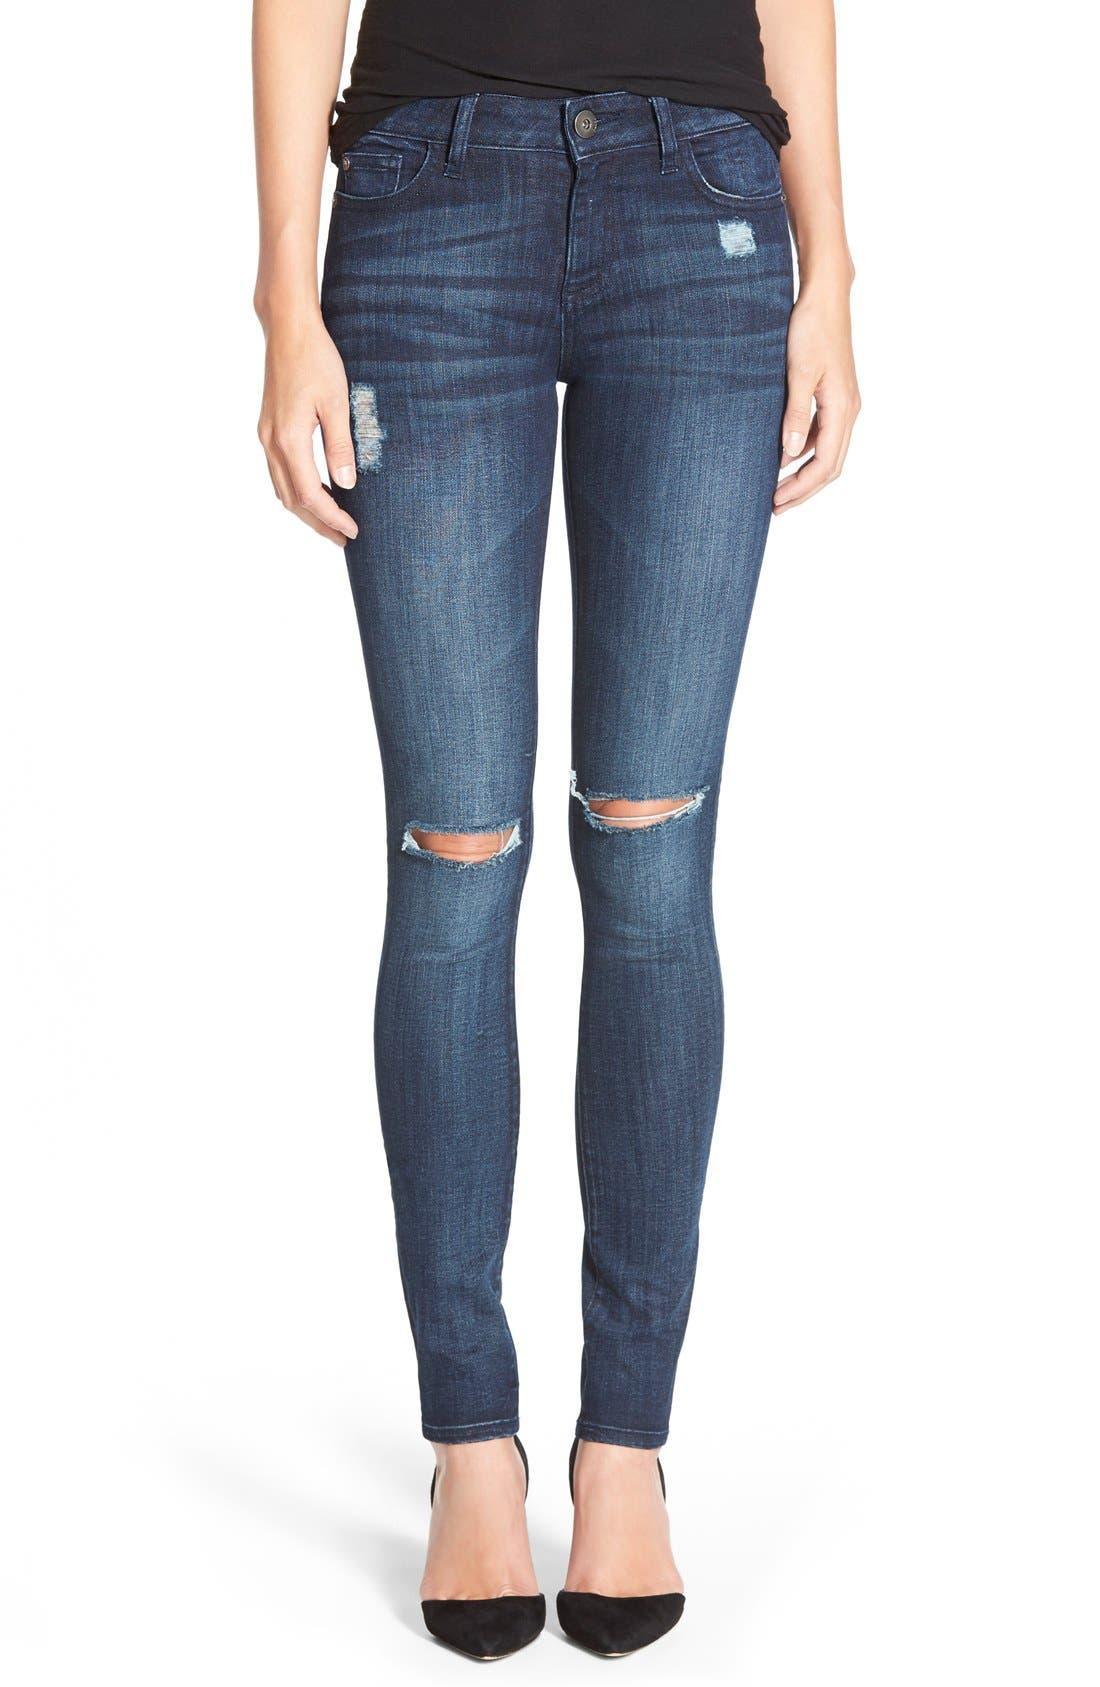 Alternate Image 1 Selected - DL1961 'Florence' InstasculptSkinny Jeans (Vortex)